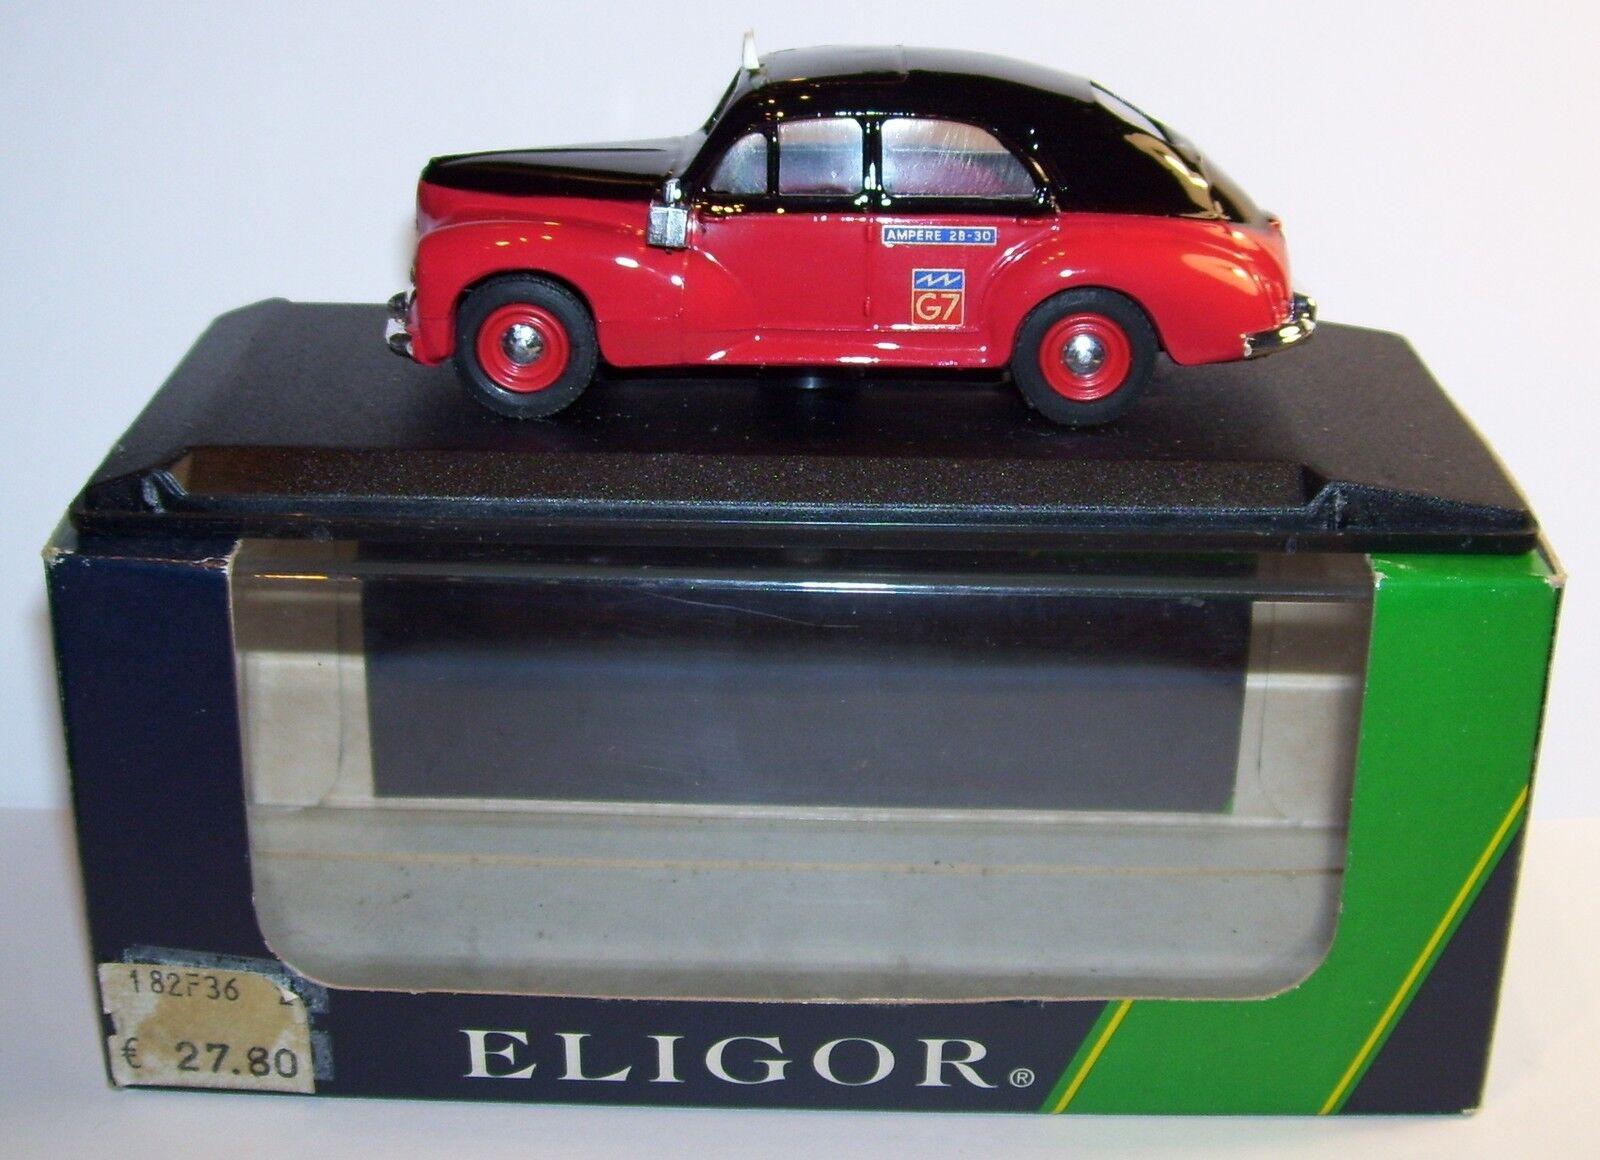 Rouge G7 Paris 30 Eligor Noire Ref 100307 Taxi Rare Peugeot In 28 ymN08nvwO